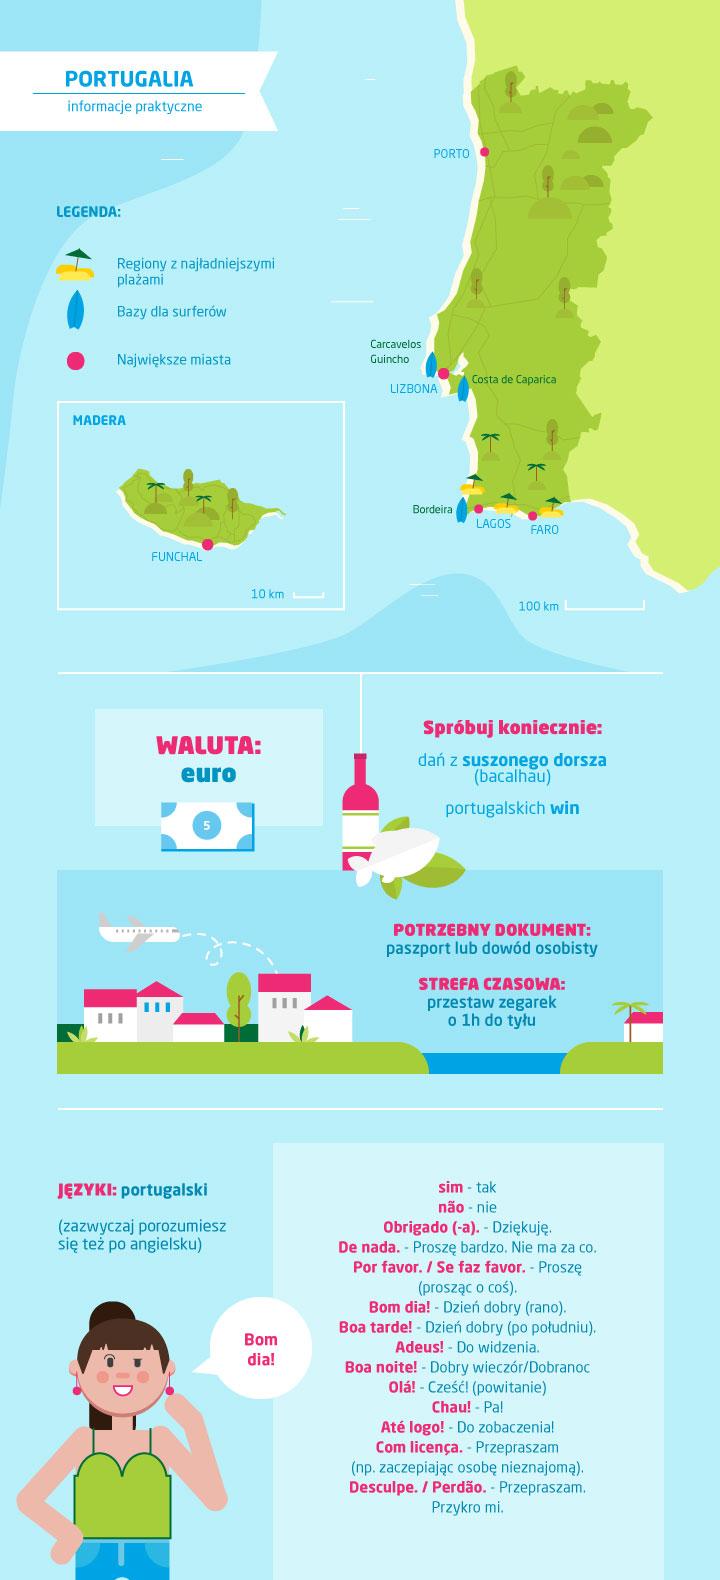 Co zobaczyć w Portugalii - infografika